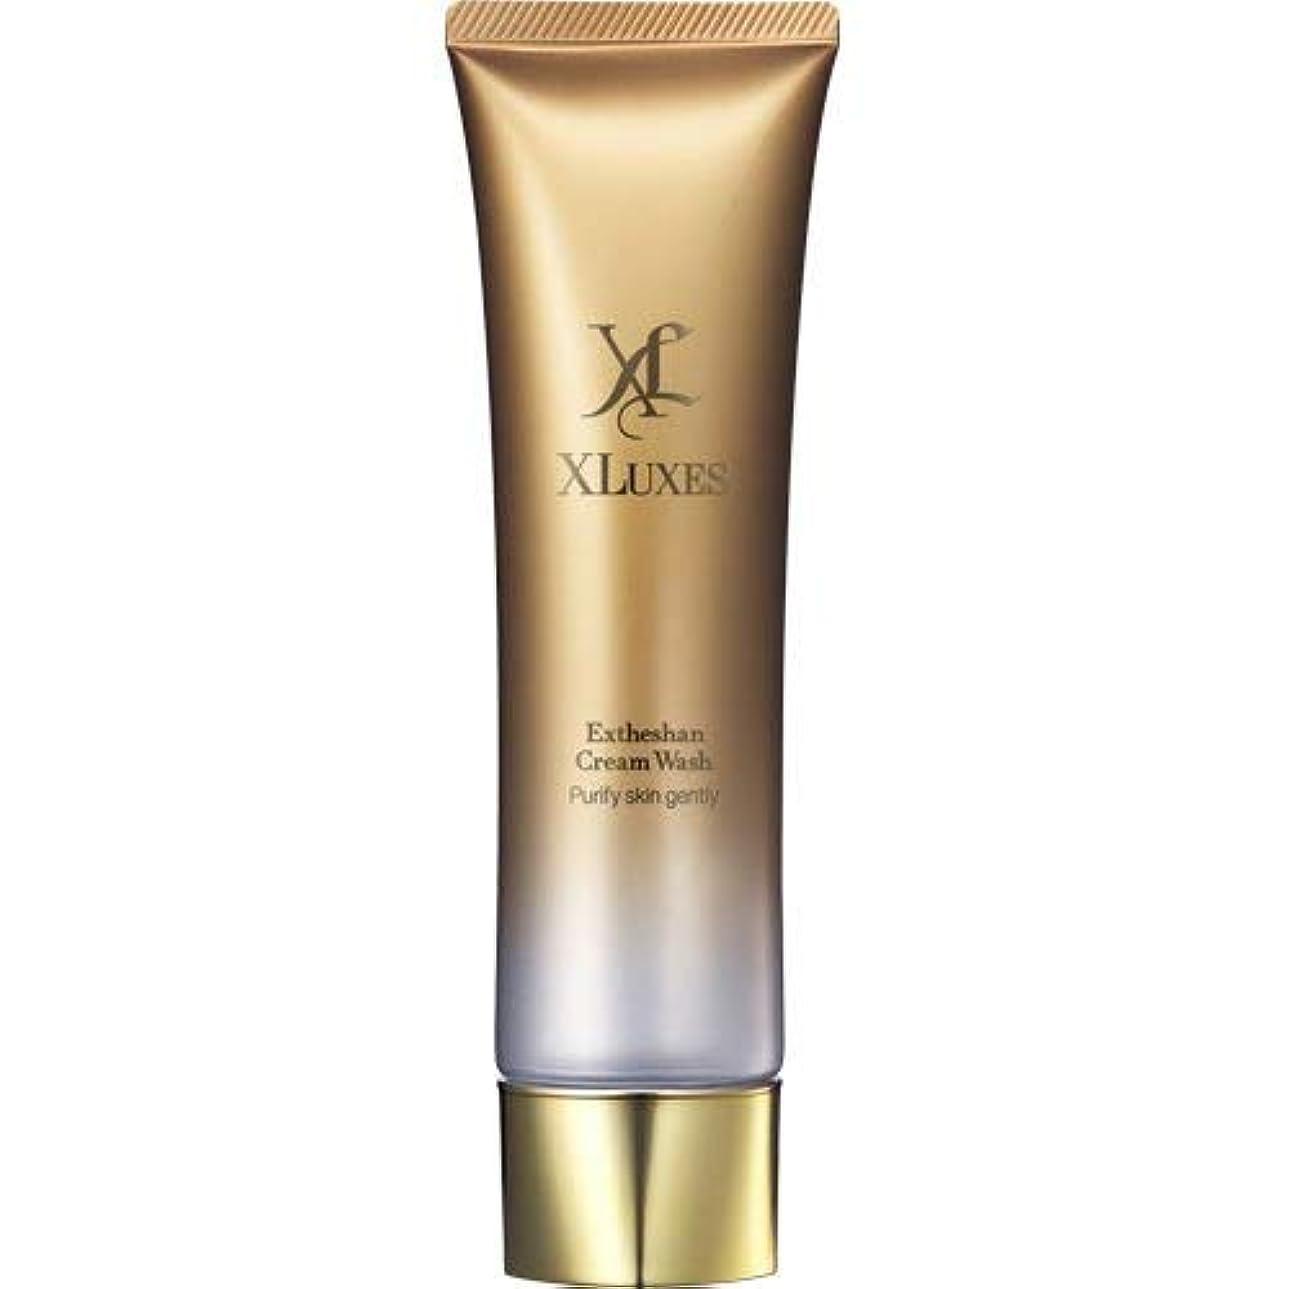 可愛い痛い故障XLUXES 美容液洗顔 [ヒト幹細胞 培養液配合] エグゼティシャン クリームウォッシュ (ダマスクローズの香り)